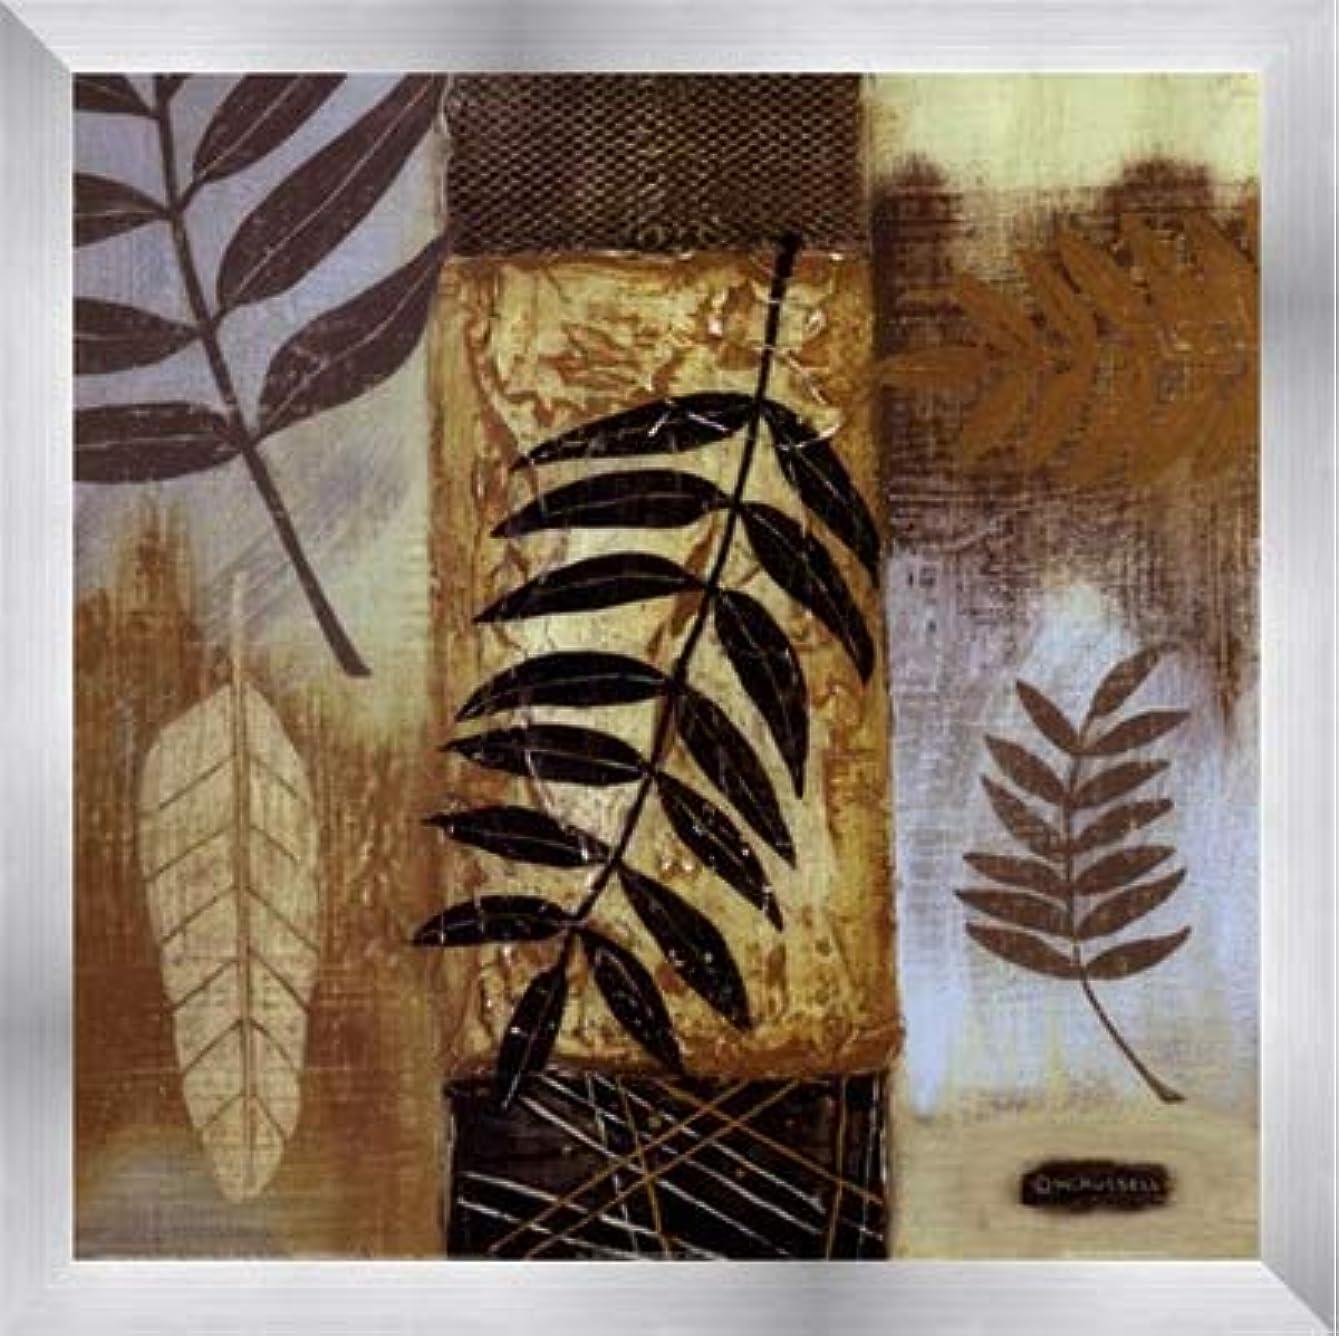 石膏びっくりするチーター自然のパターンI by Wendy Russell – 12 x 12インチ – アートプリントポスター 12 x 12 Inch LE_255654-F9935-12x12